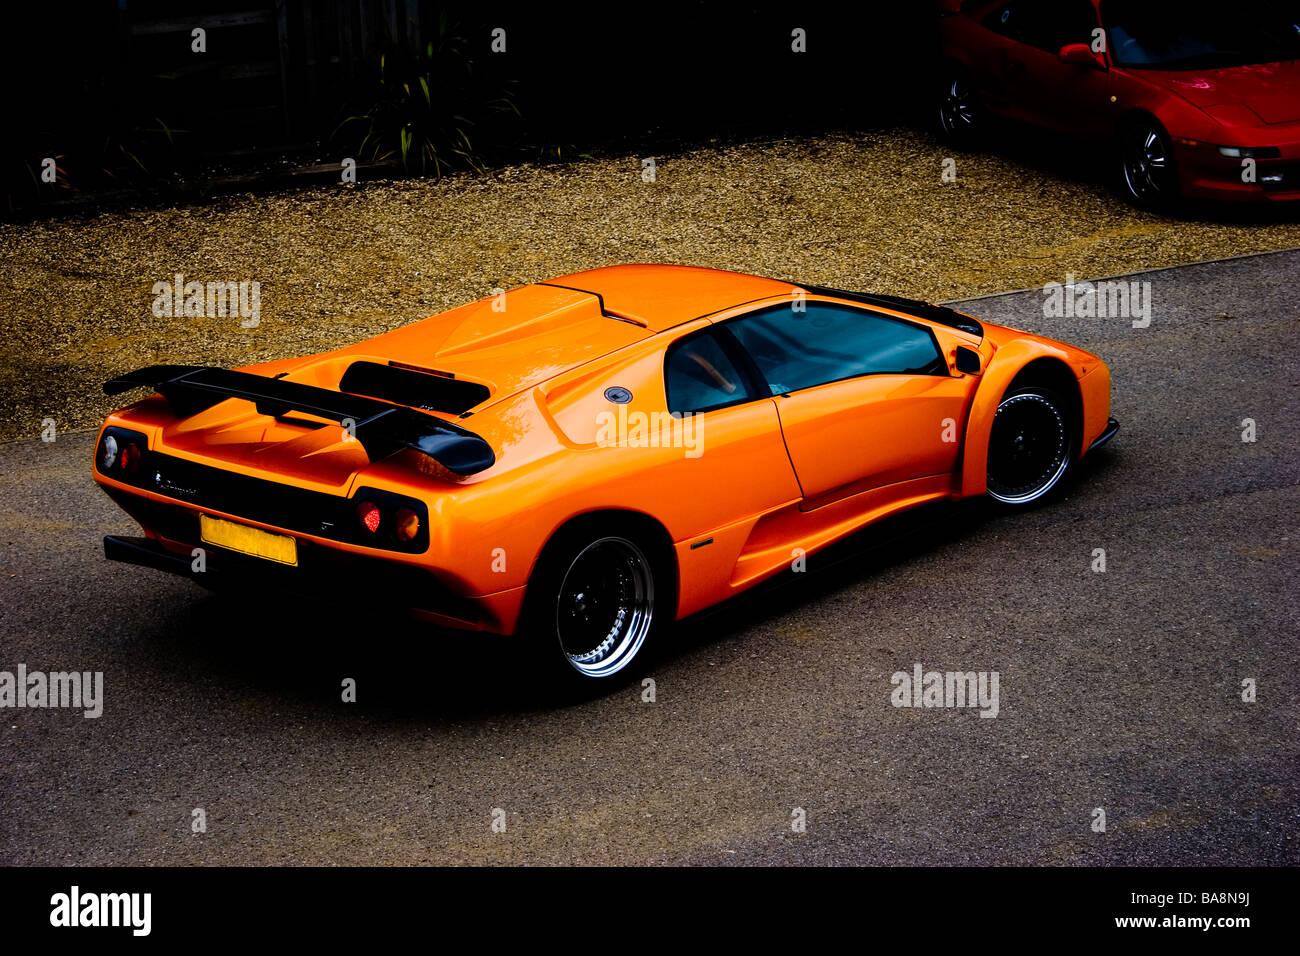 Arancio Brillante Degli Anni Novanta Anni Novanta Lamborghini Diablo